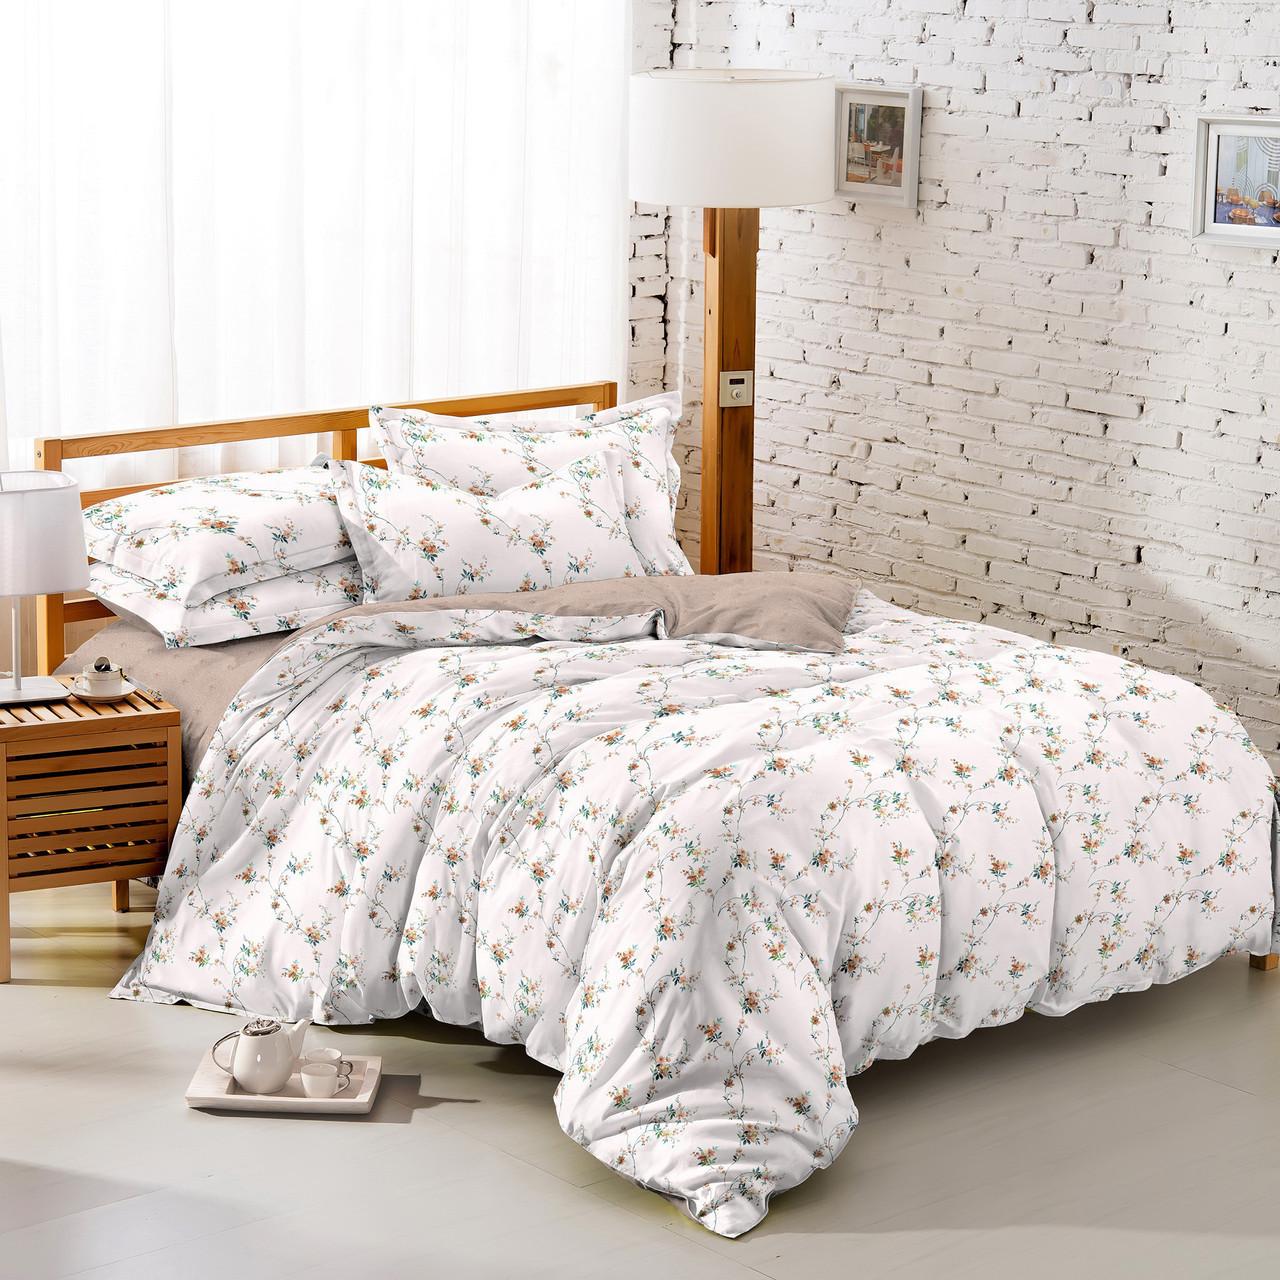 Полуторный комплект постельного белья 150*220 сатин (10056) TM КРИСПОЛ Украина